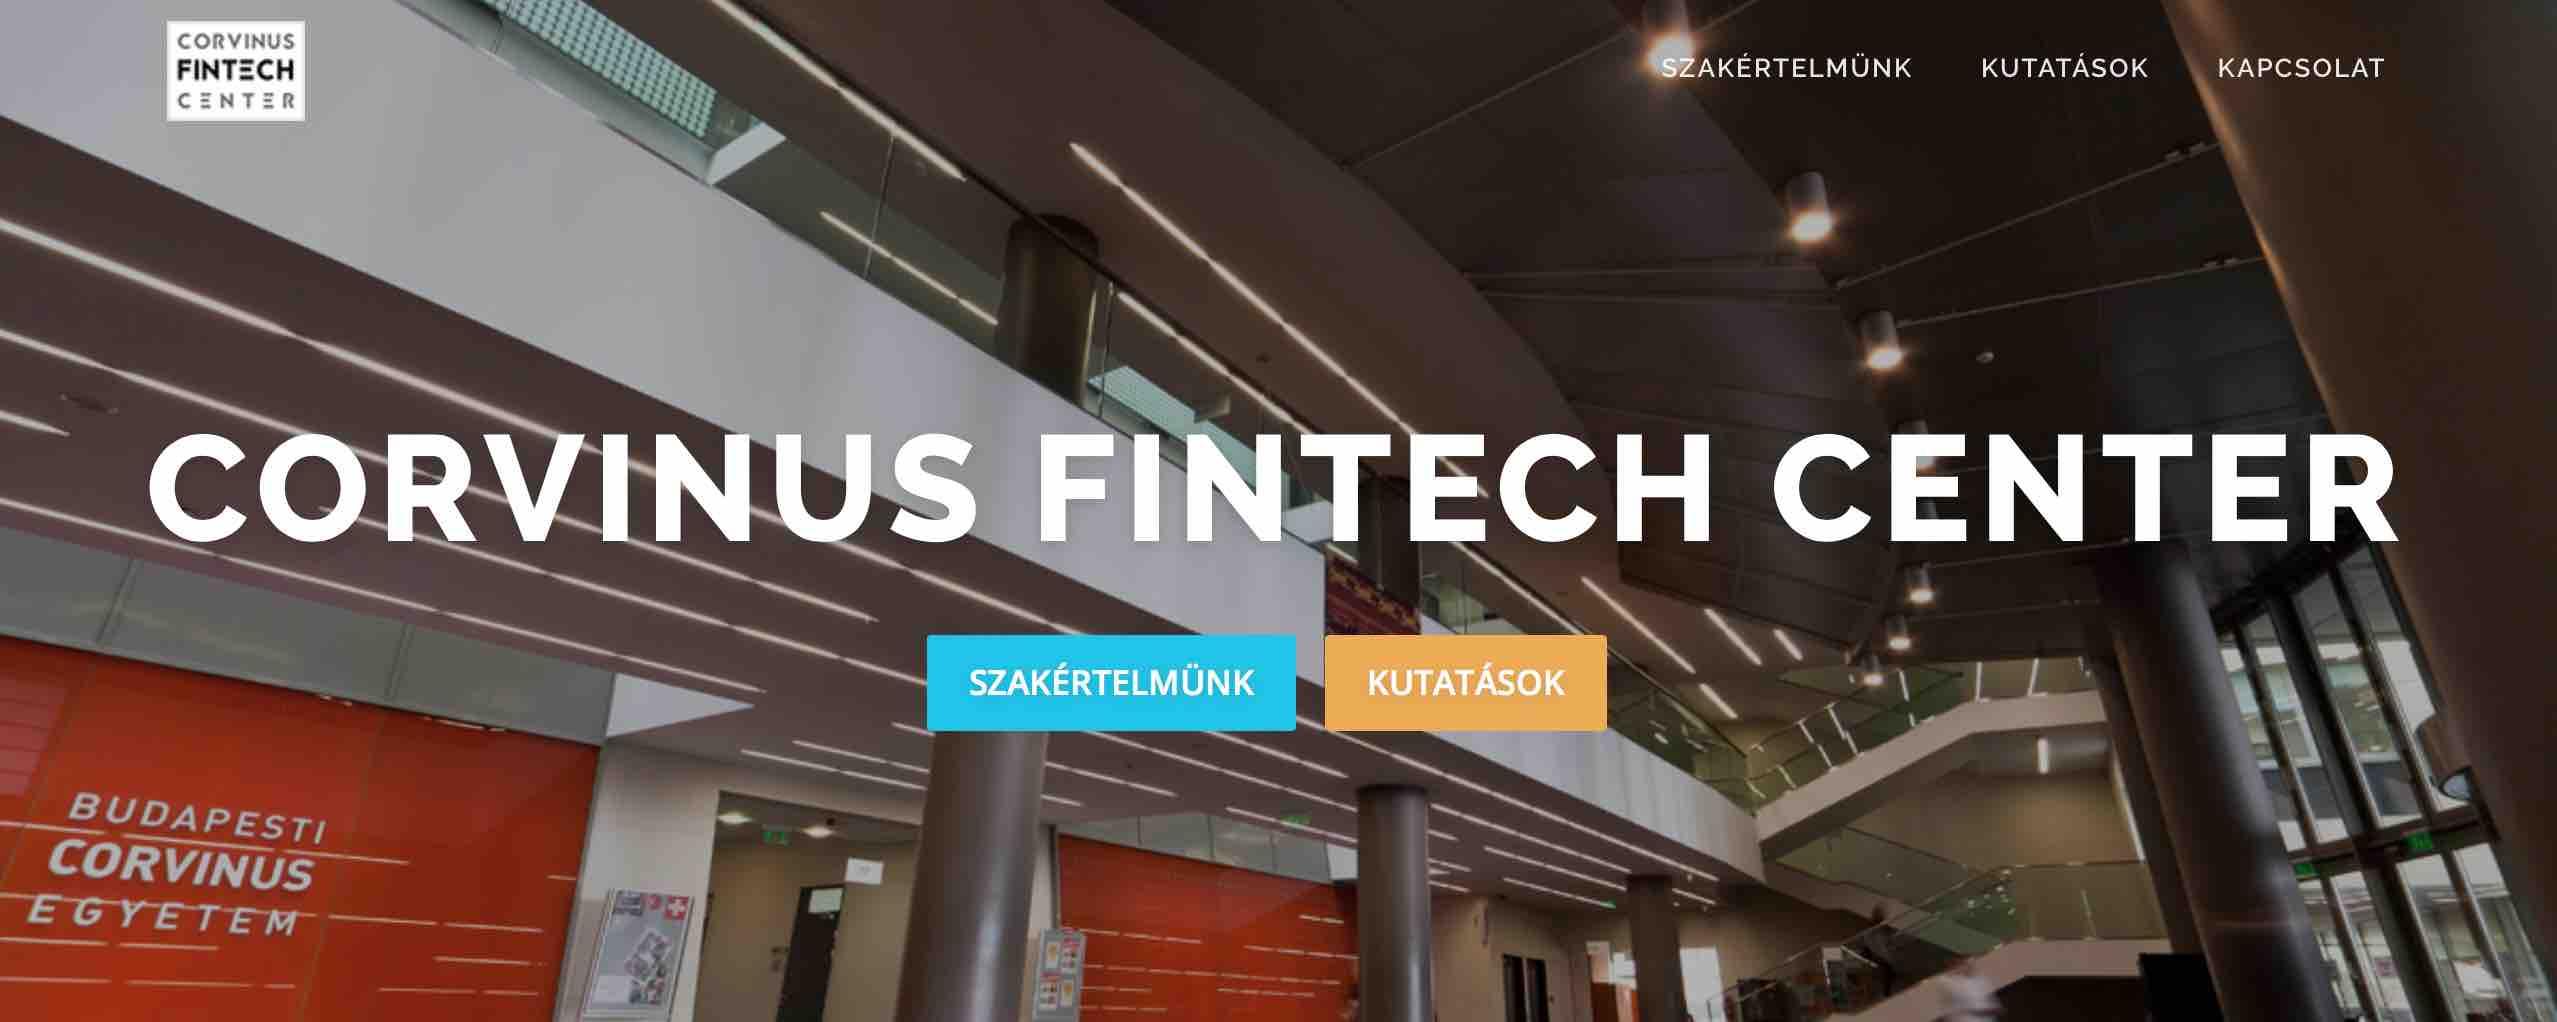 fintech kutato kozpont Corvinus FinTech Center